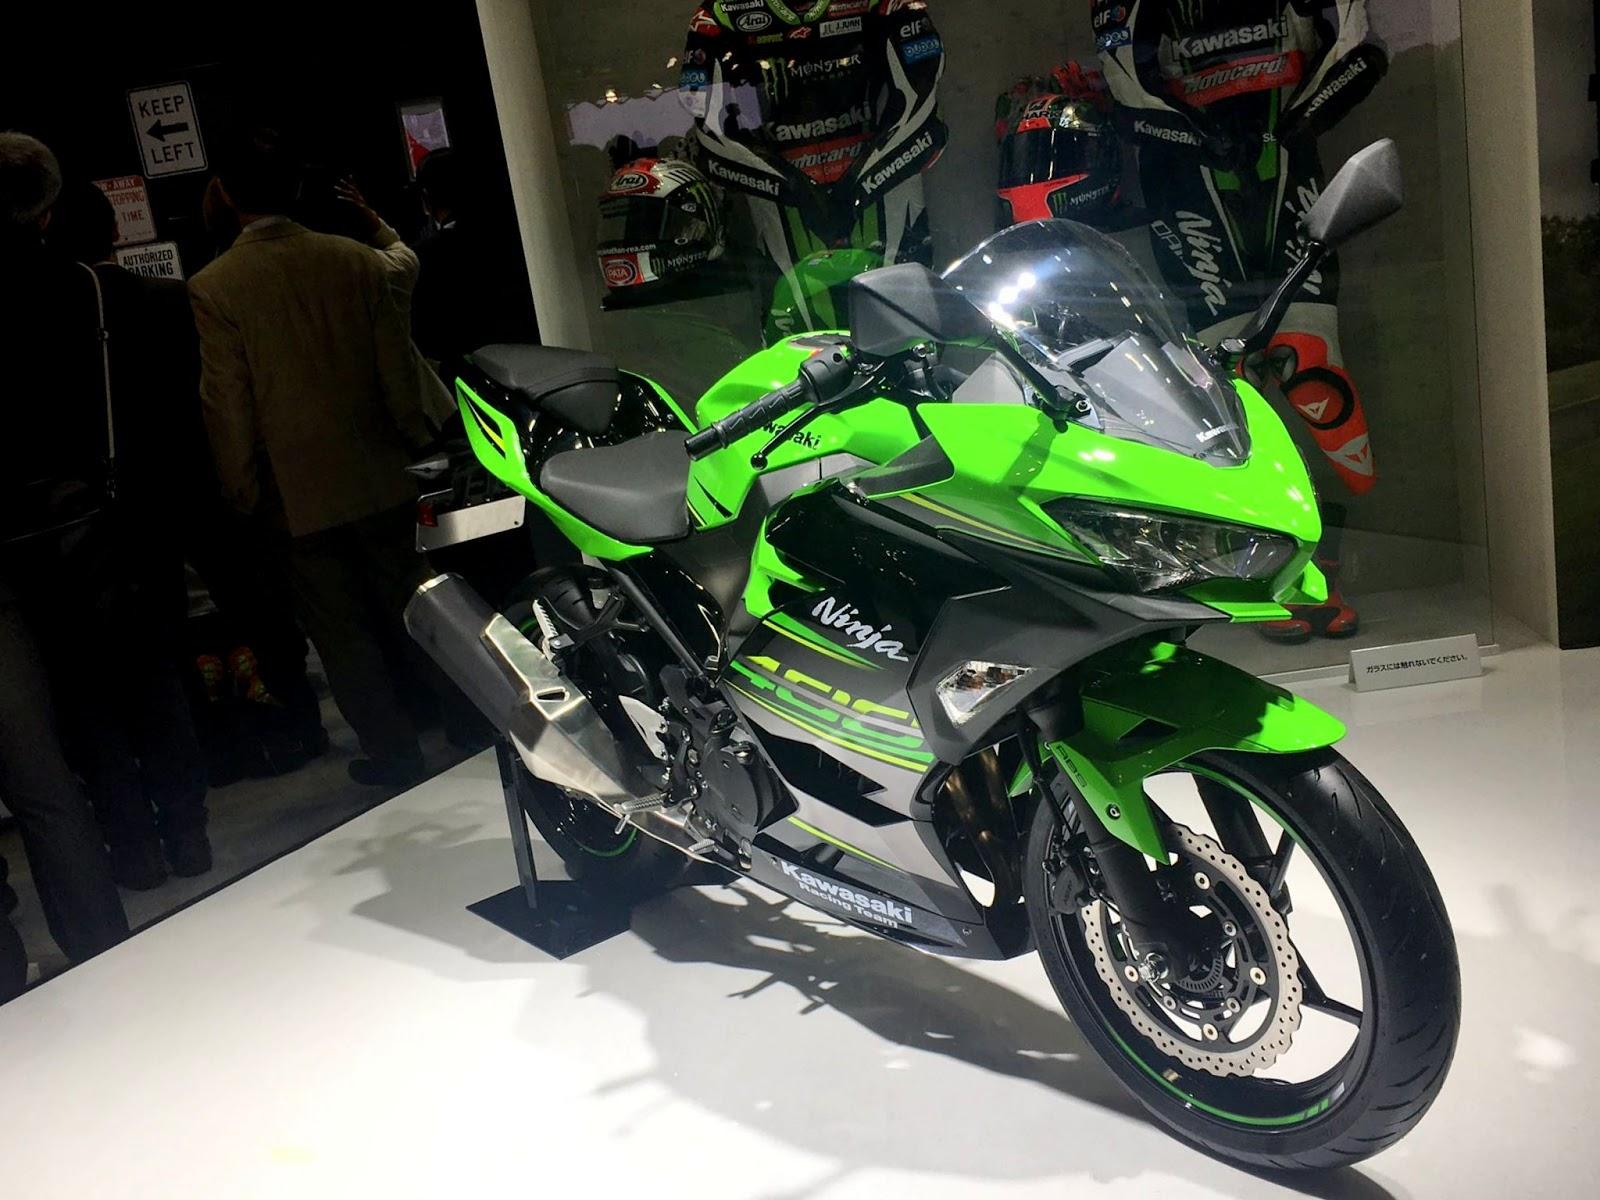 Wujud New Kawasaki Ninja 250 Facelift akhirnya muncul di Tokyo Motor Show 2017 sob !